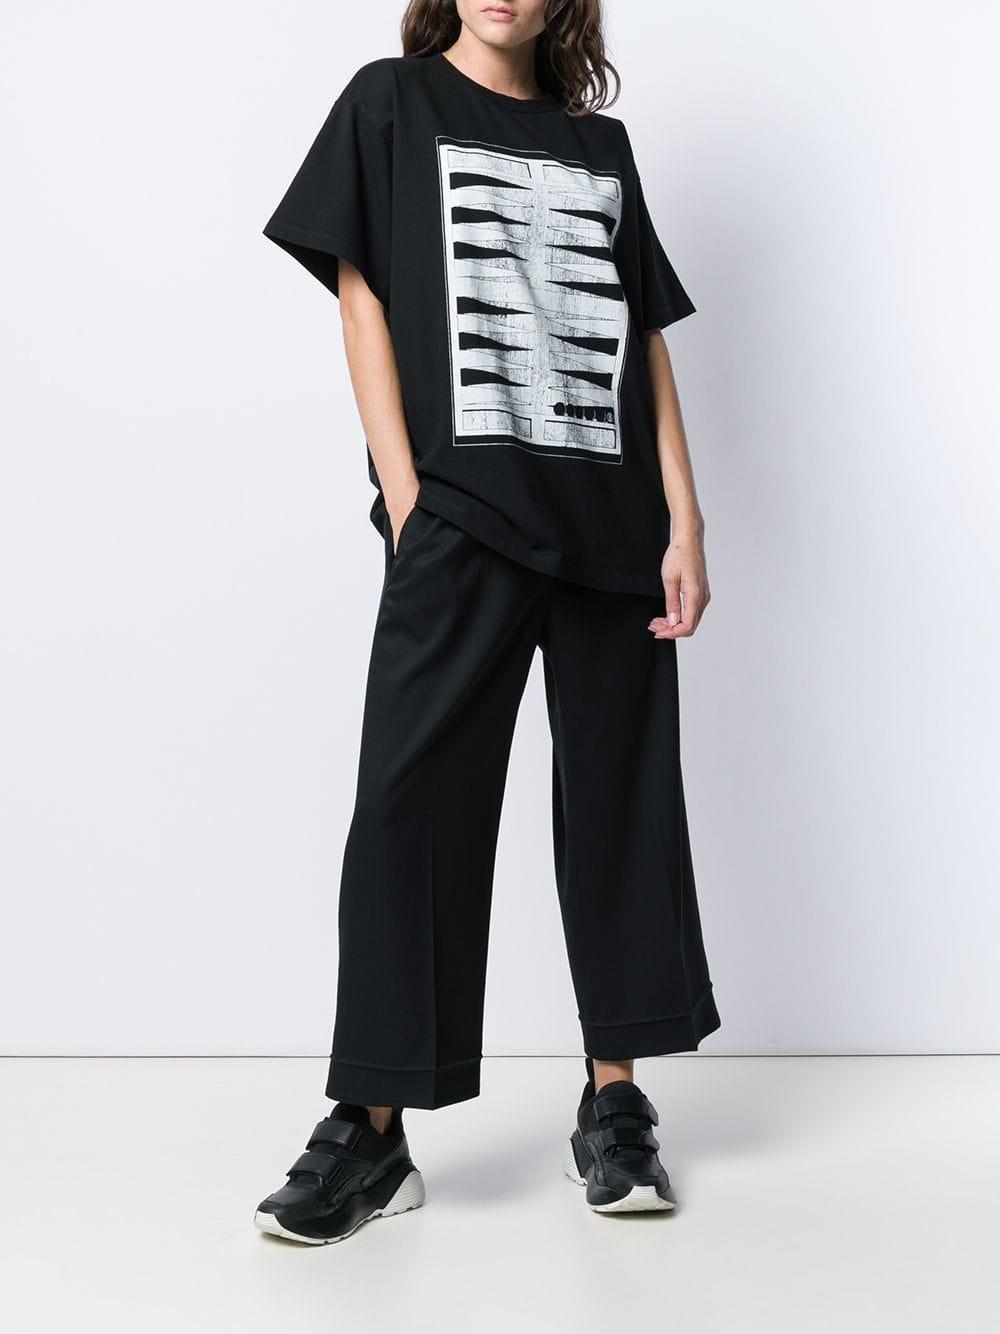 b0373dd0 MM6 by Maison Martin Margiela Backgammon Print T-shirt in Black - Lyst